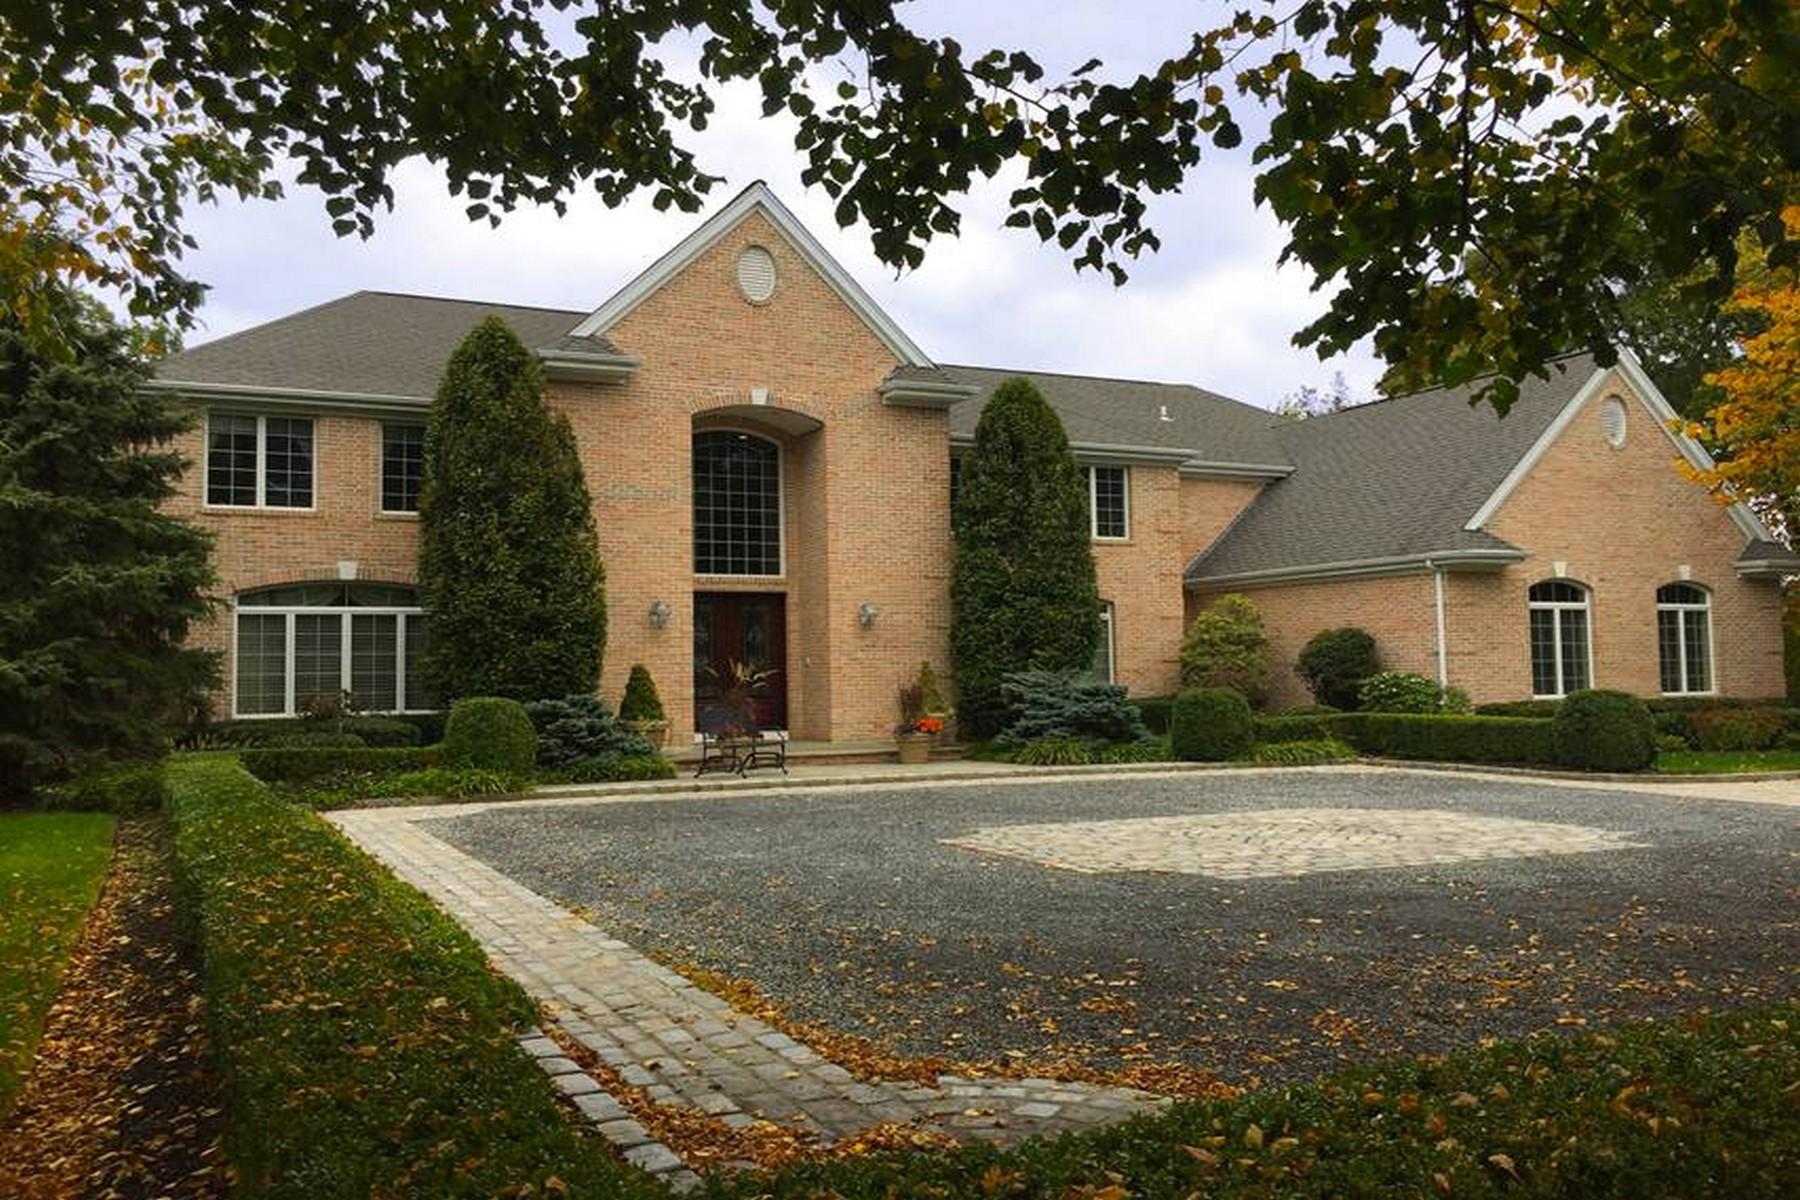 단독 가정 주택 용 매매 에 Homeowner Assoc 41 Hunting Hollow Ct Dix Hills, 뉴욕, 11746 미국